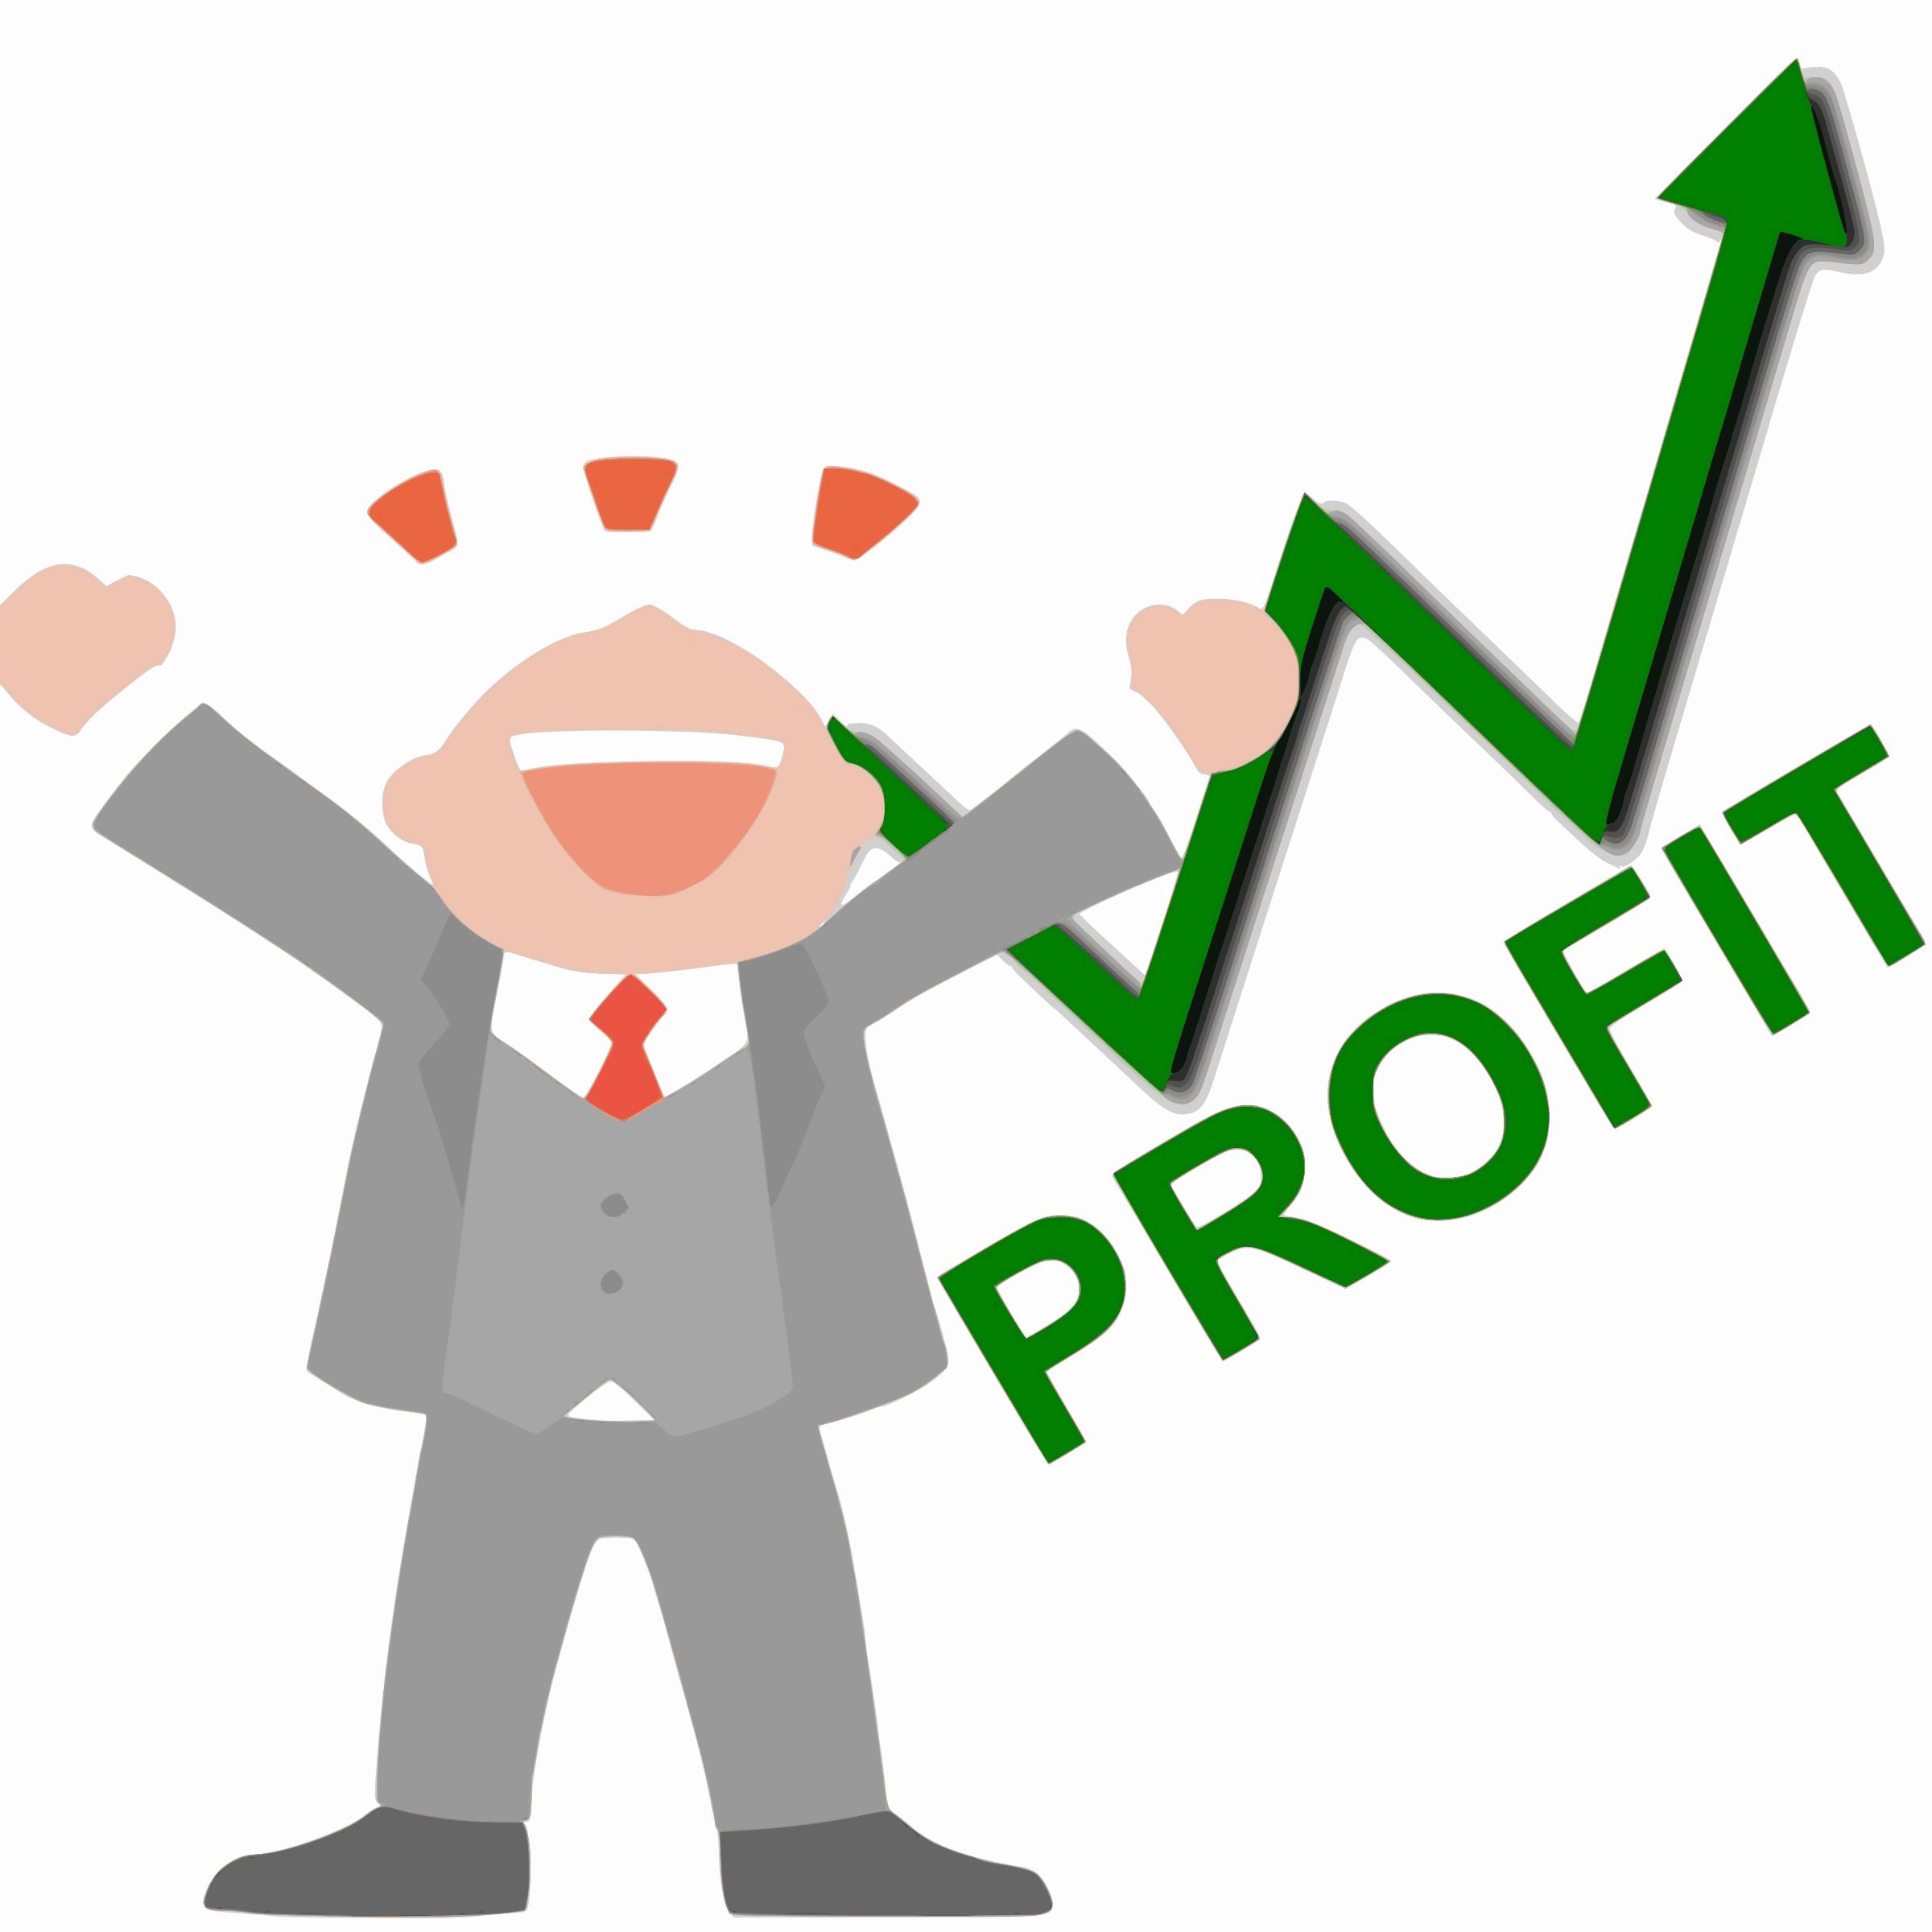 CMO và CFO - cùng nhau tạo giá trị thặng dư